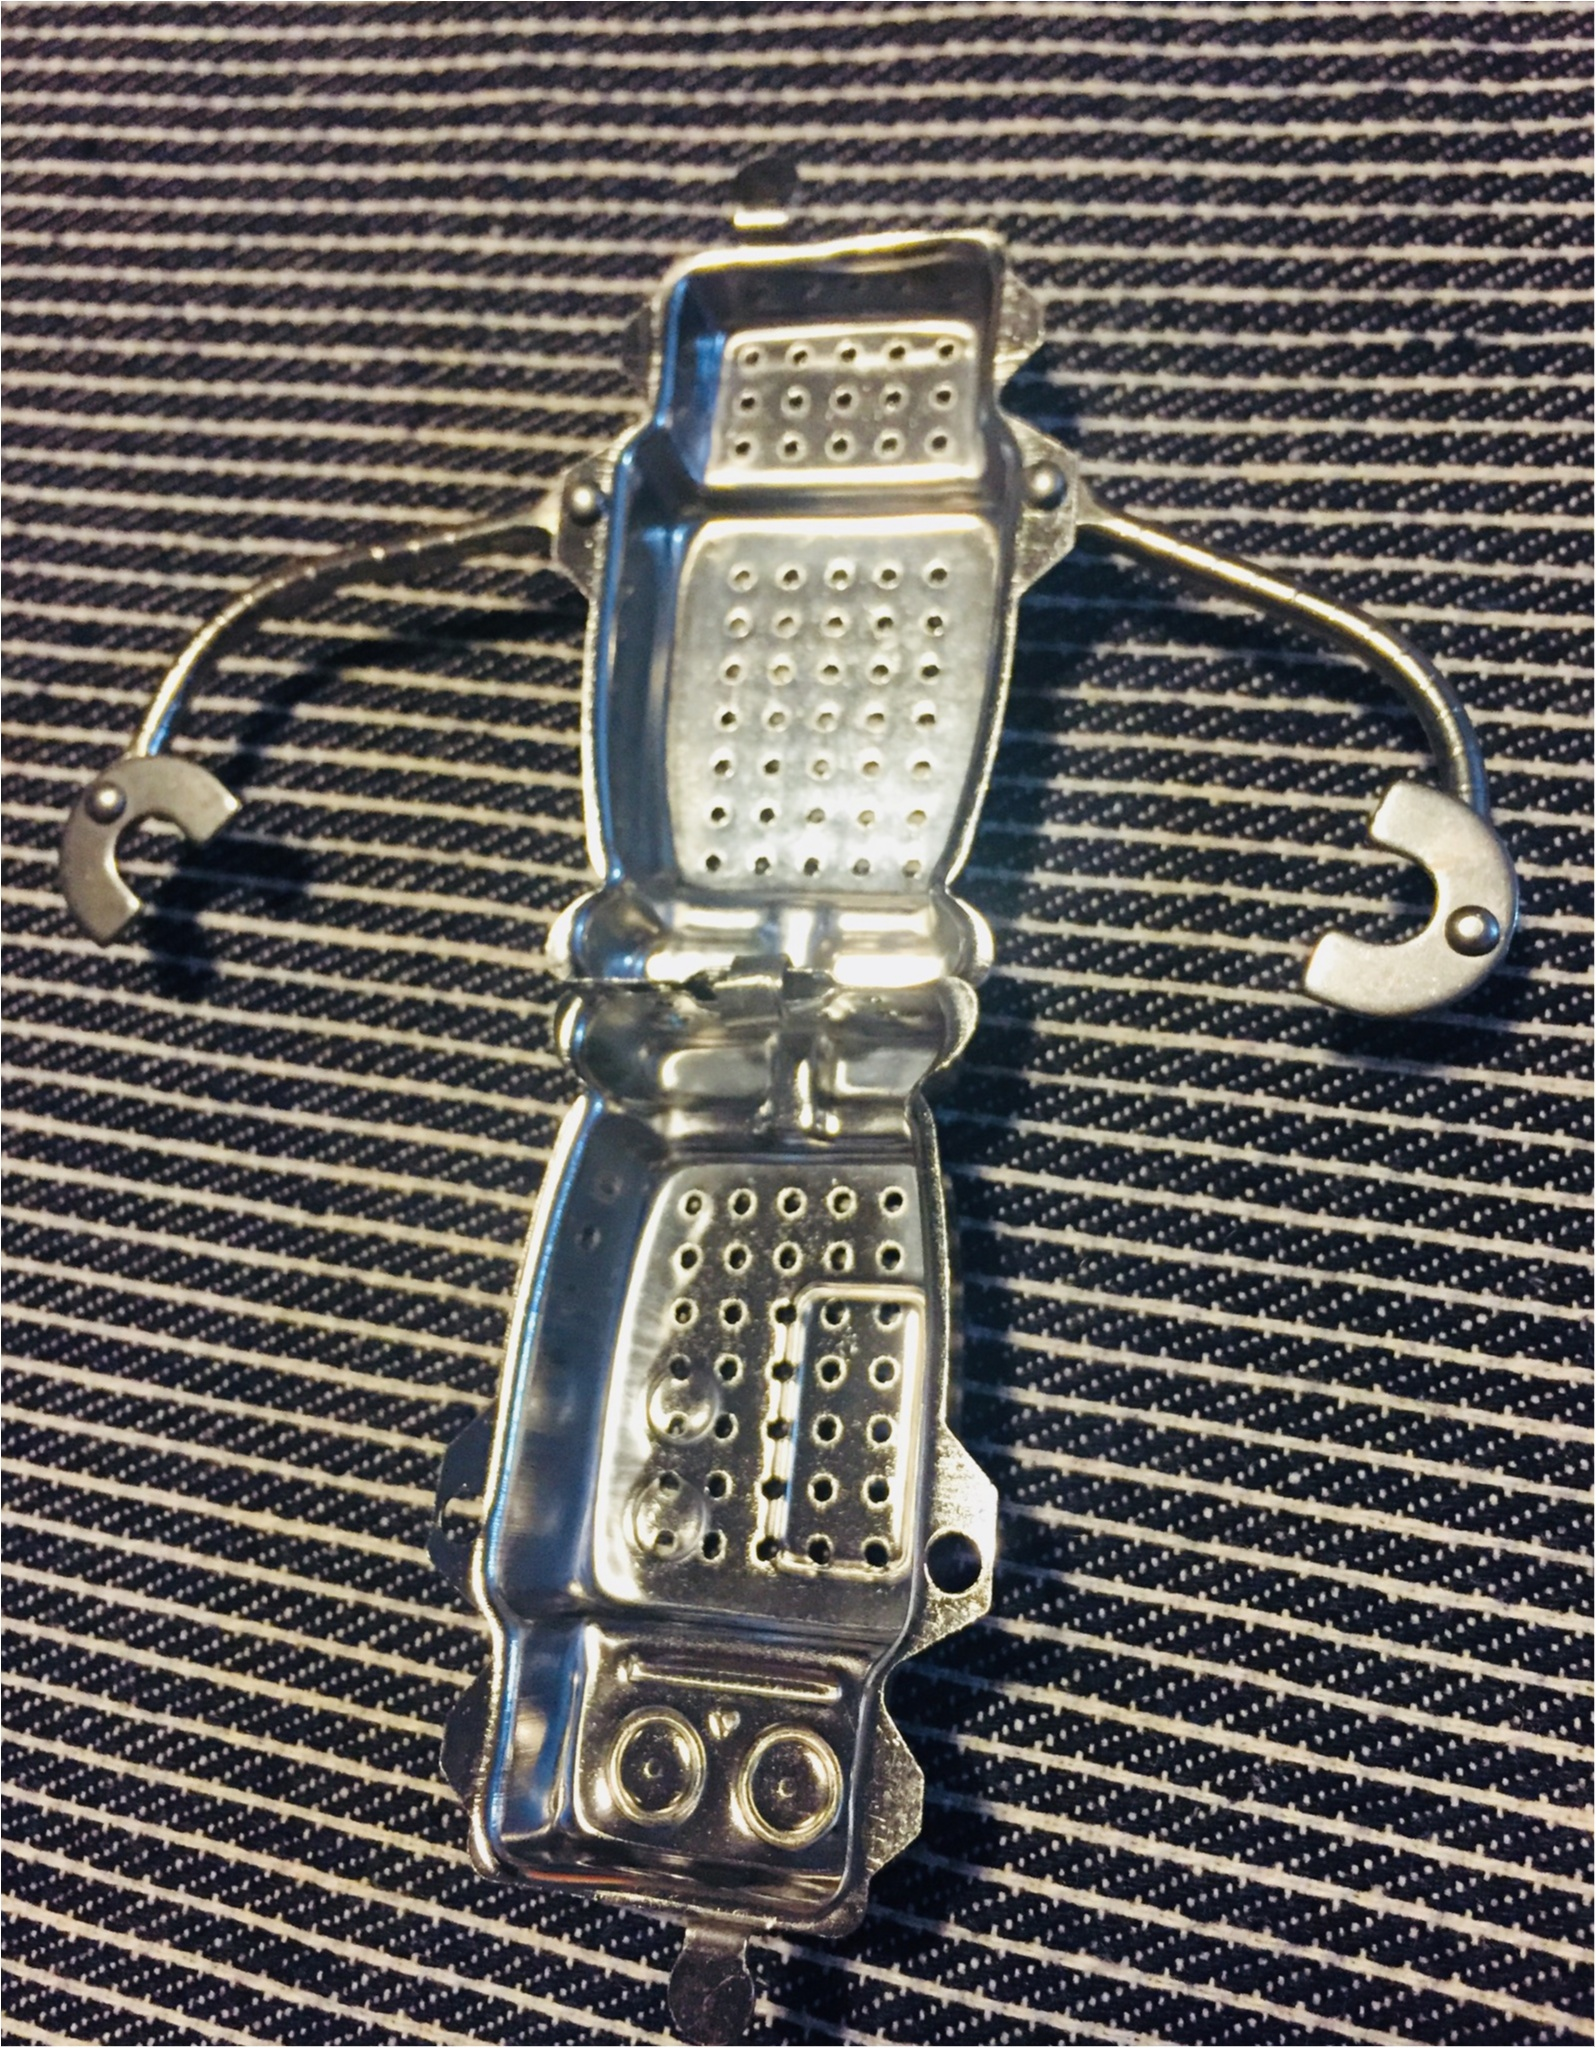 《ティータイムが楽しくなる❤︎》可愛いロボット型『ティーインフューザー』をGETしてきました!_2